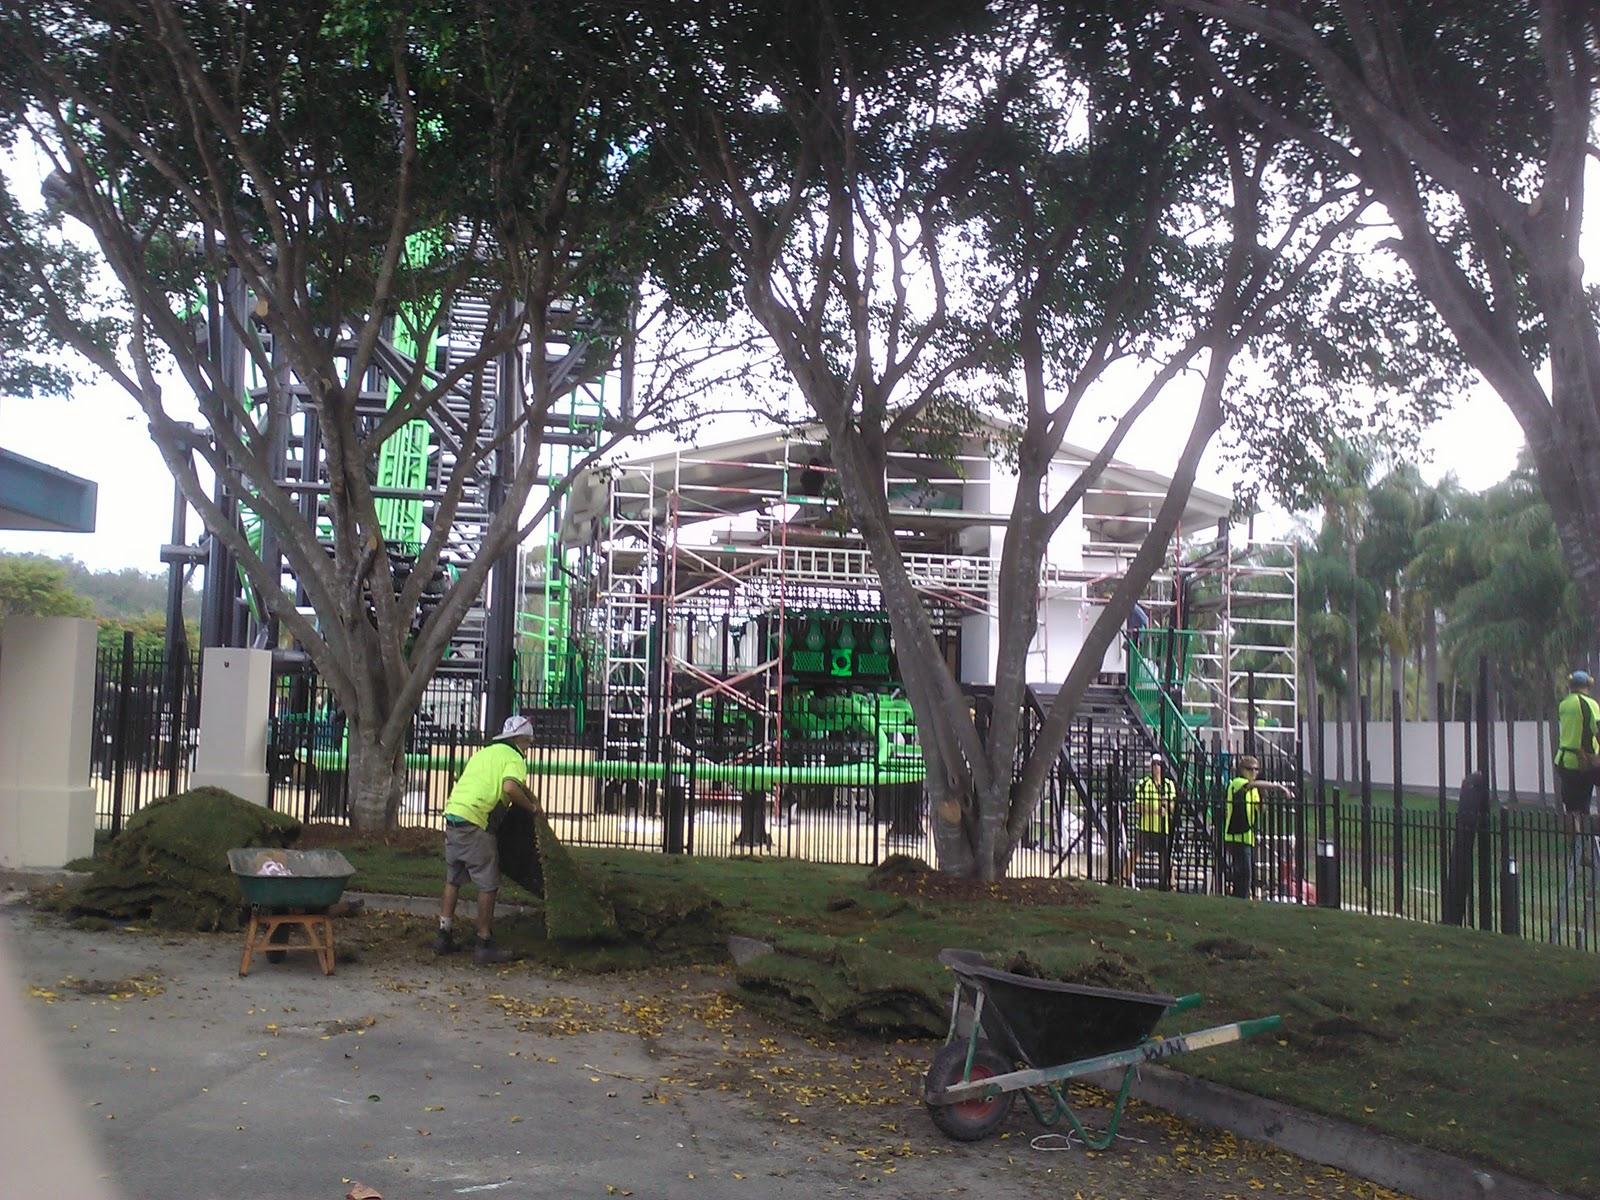 Green Lantern à Warner Bros Movie World Australia en 2011 - Page 2 Station+house